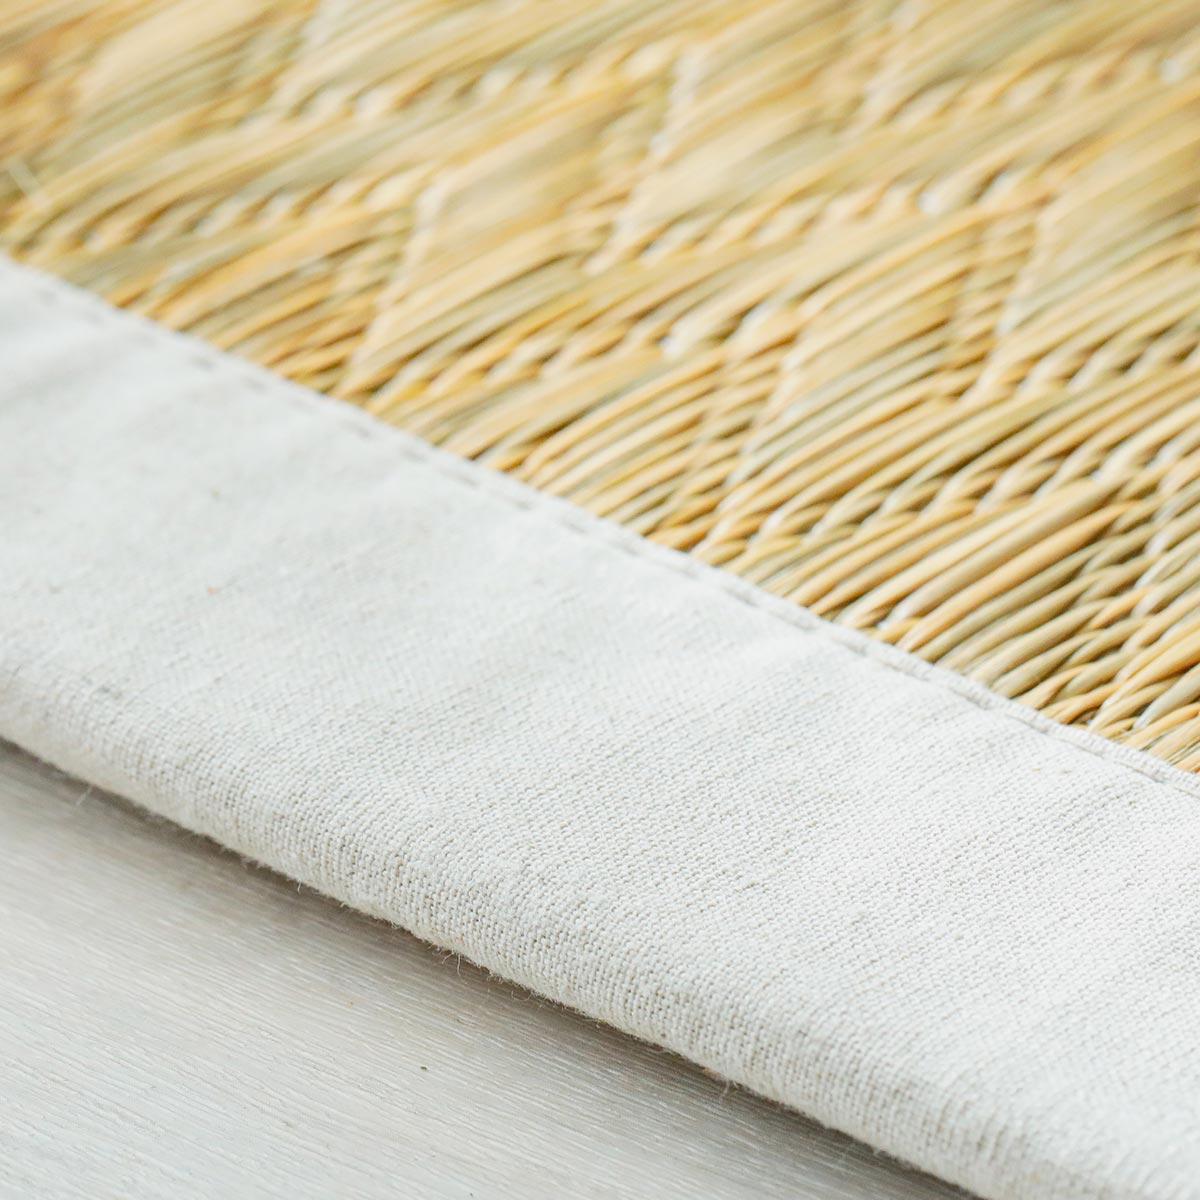 縁は約5cmの綿100%の生地。四方縁仕上げです。